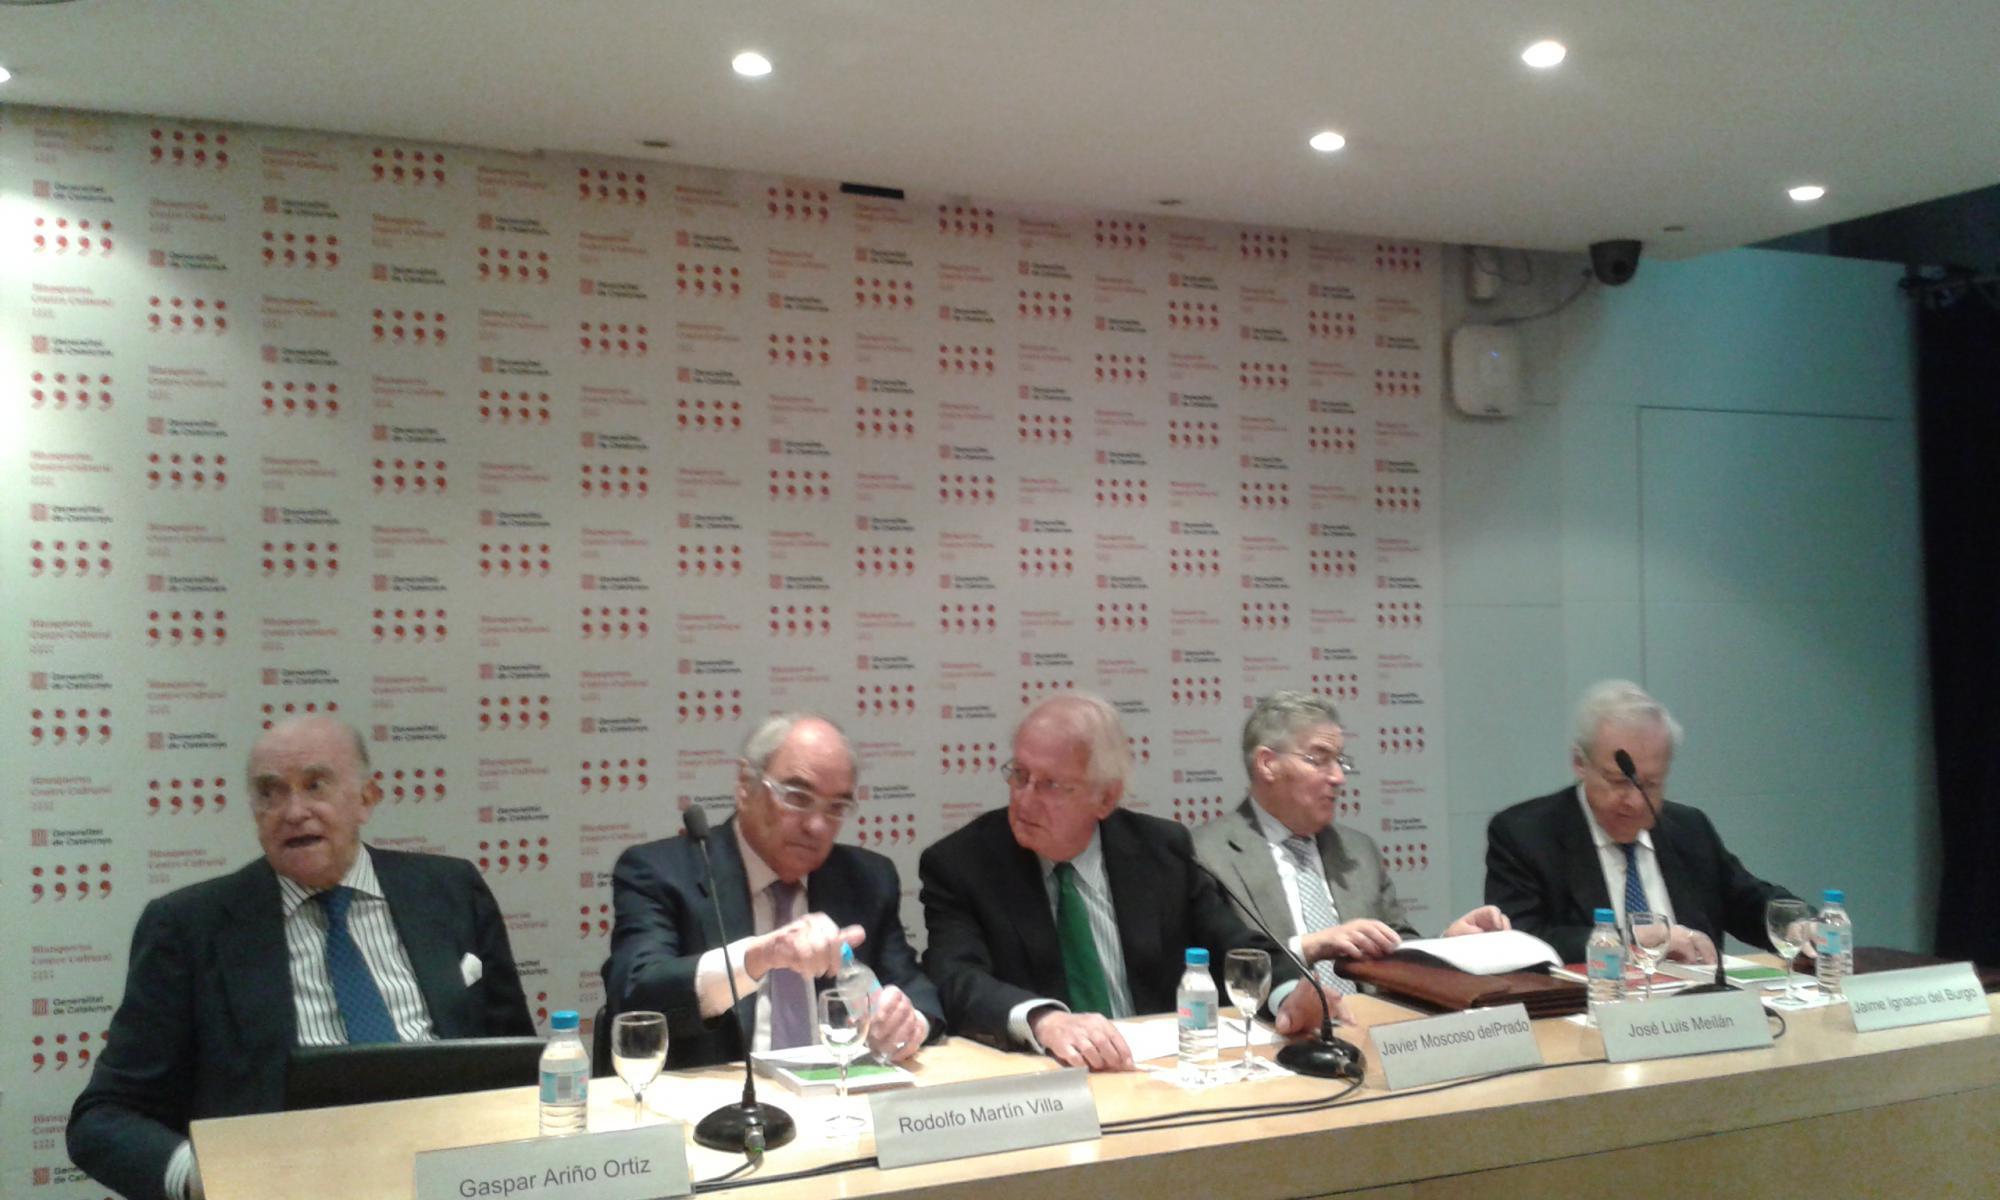 Gaspar Ari�o, Rodolfo Mart�n Villa, Jos� Luis Meil�n, Juan Ignacio del Burgo y  Javier Moscoso